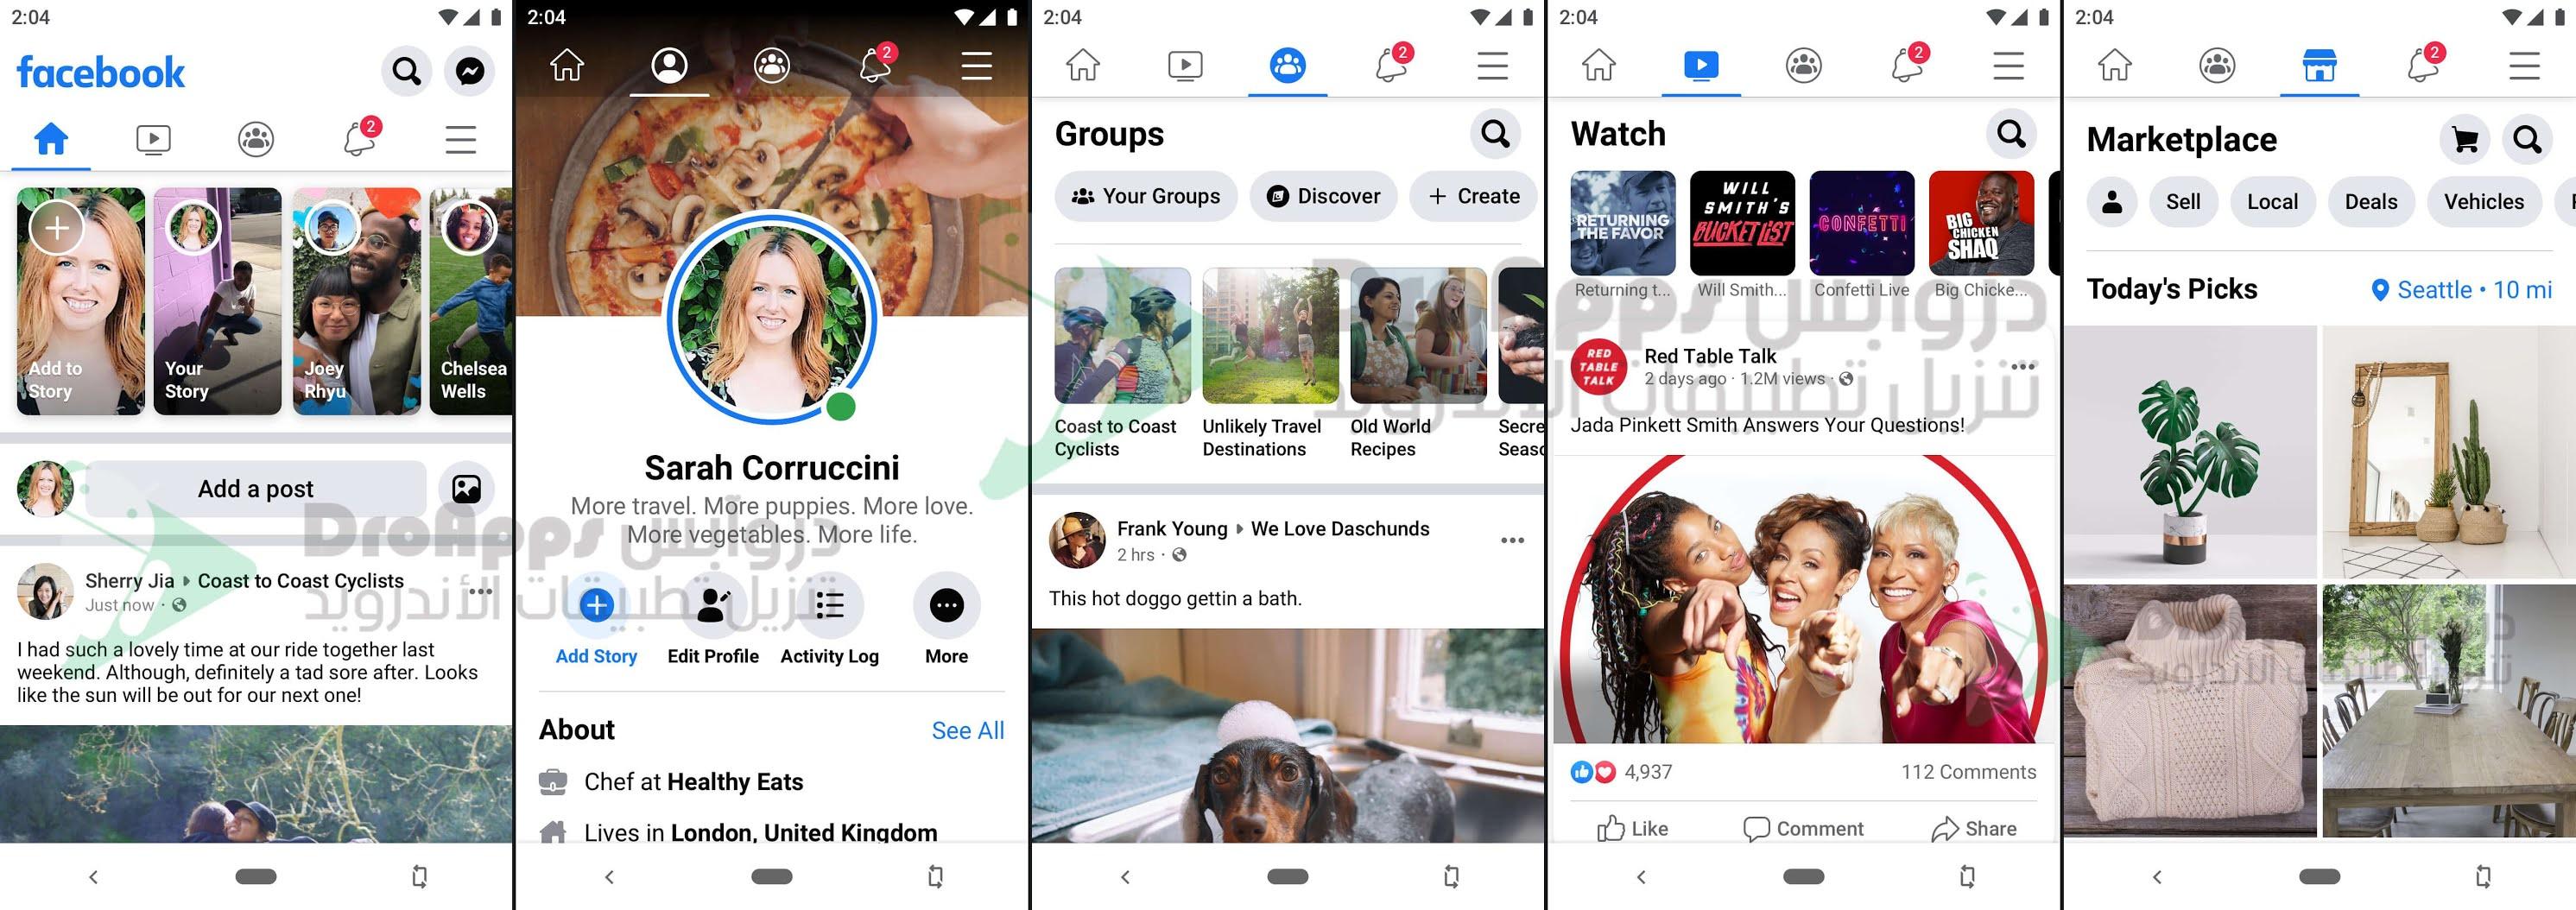 لقطات شاشة لتطبيق فيسبوك Facebook